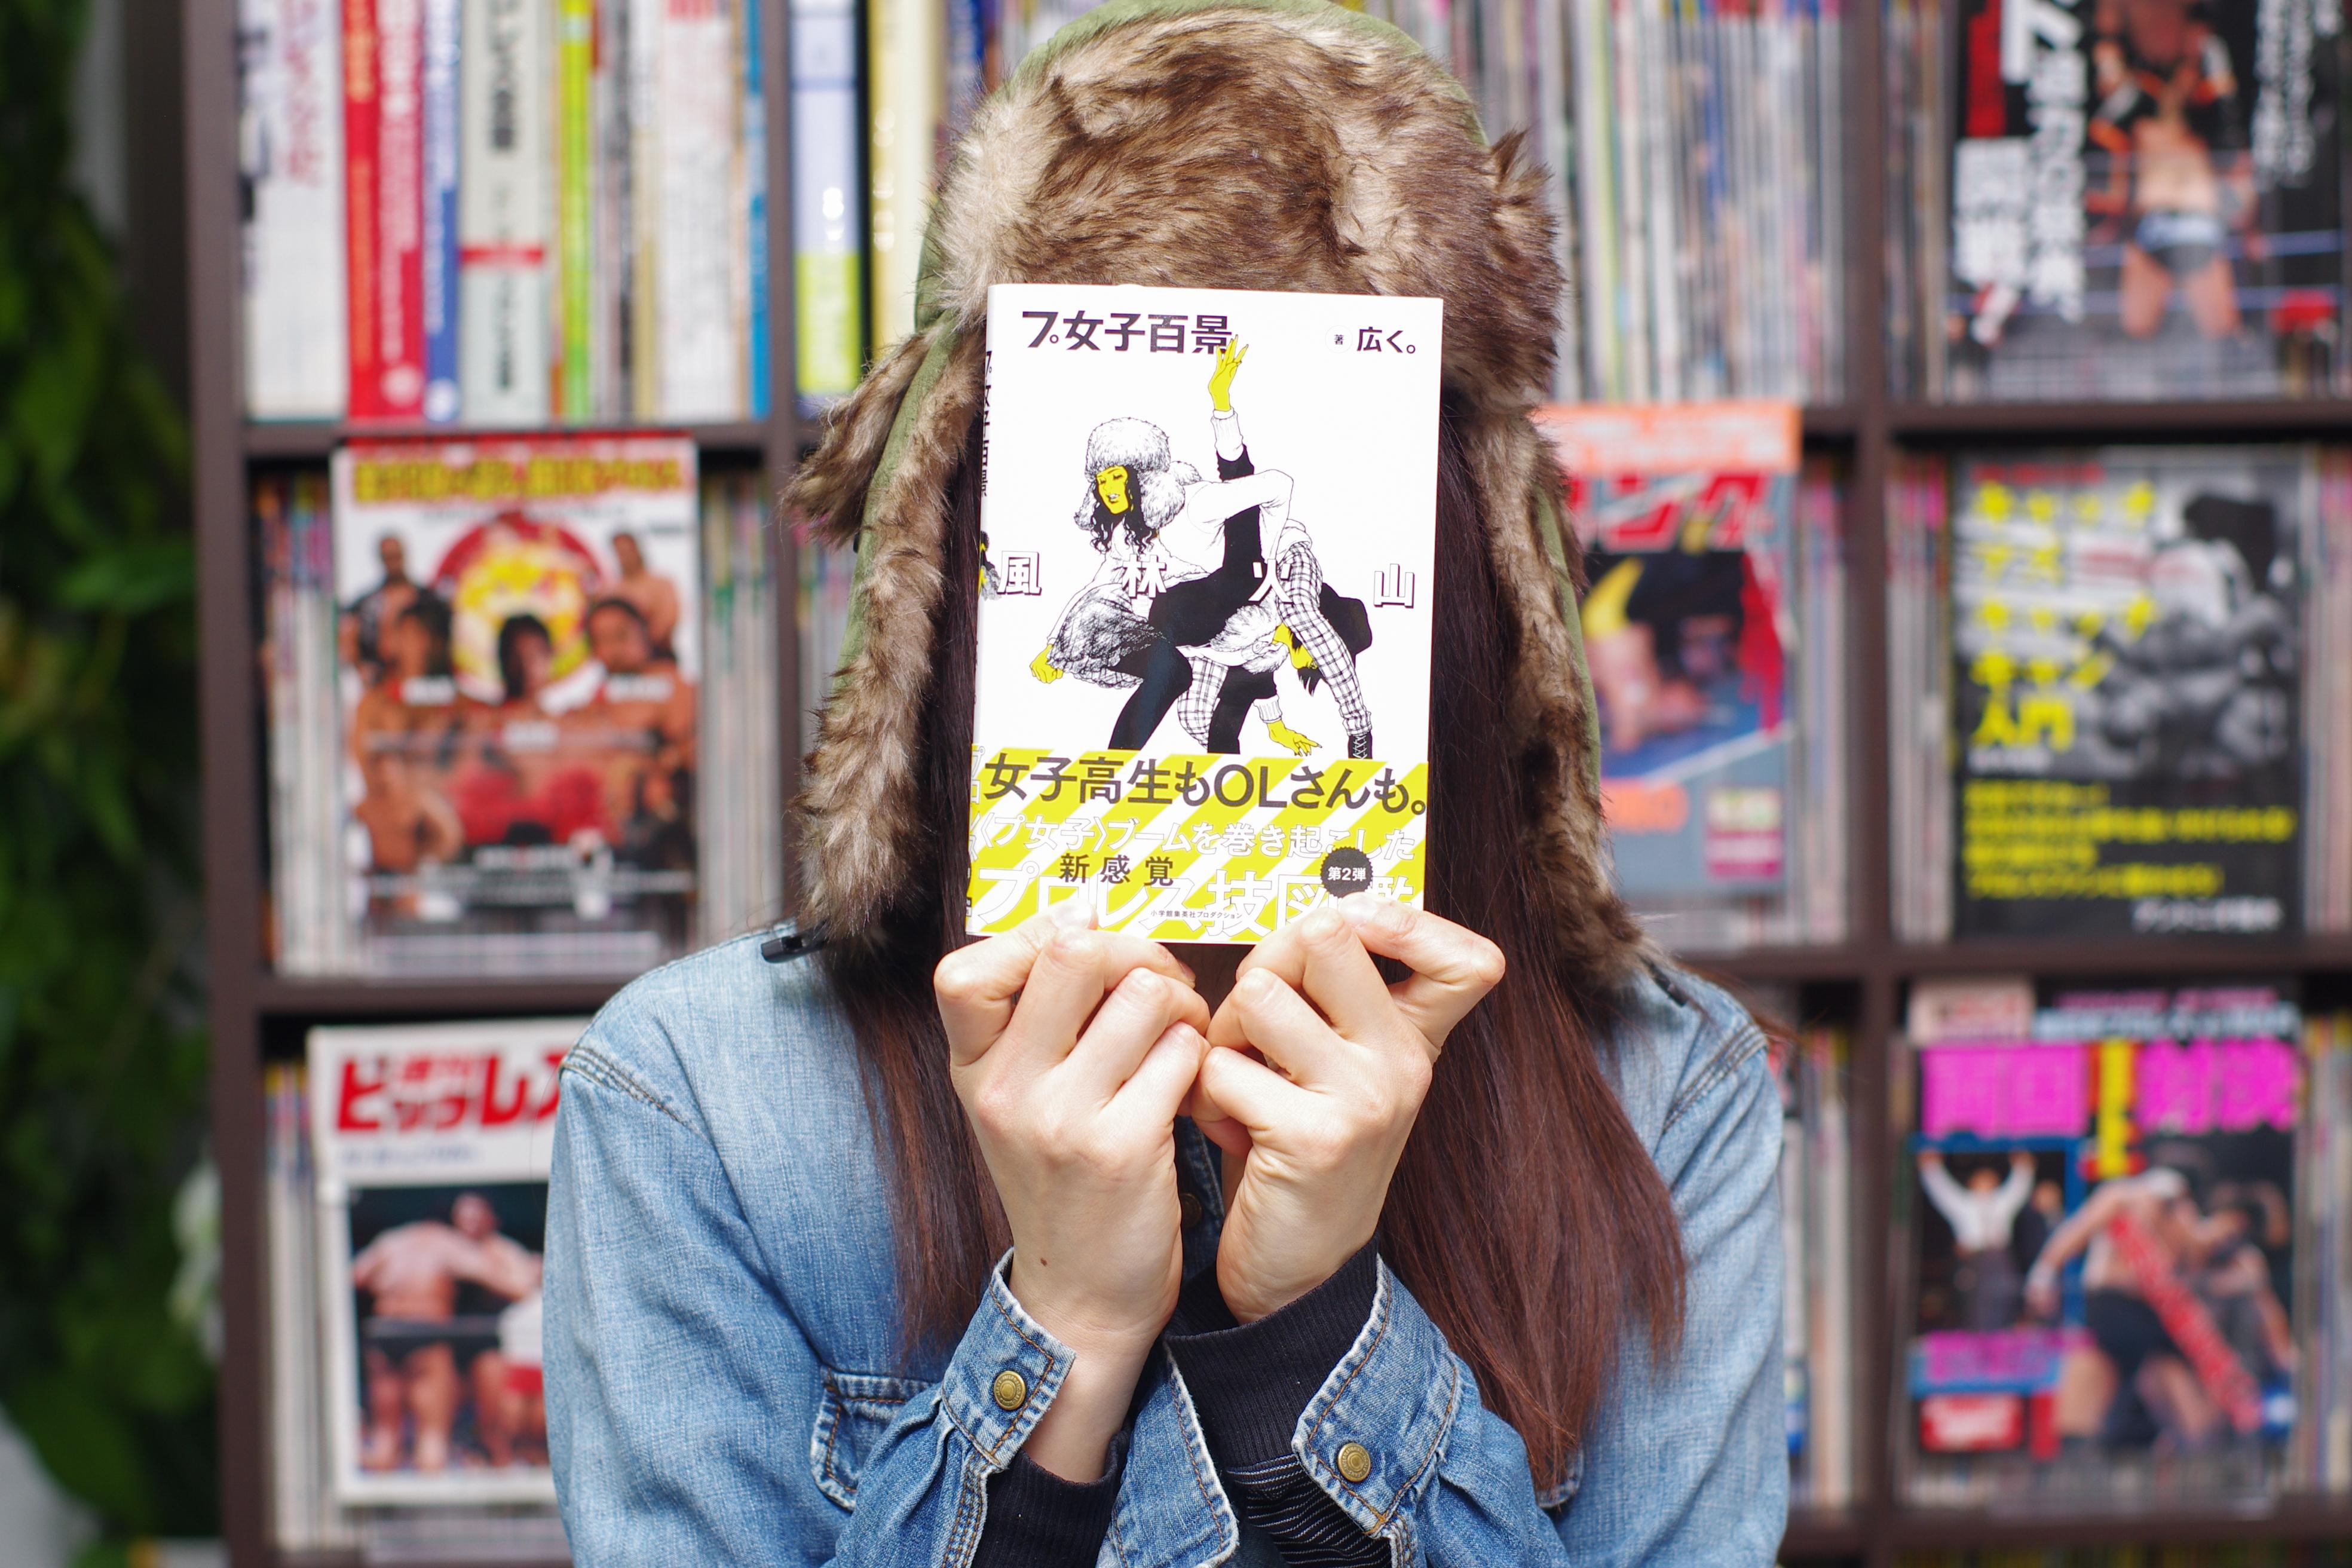 『プ女子百景』著者・広く。さんインタビュー「プロレス観戦は己との対話」